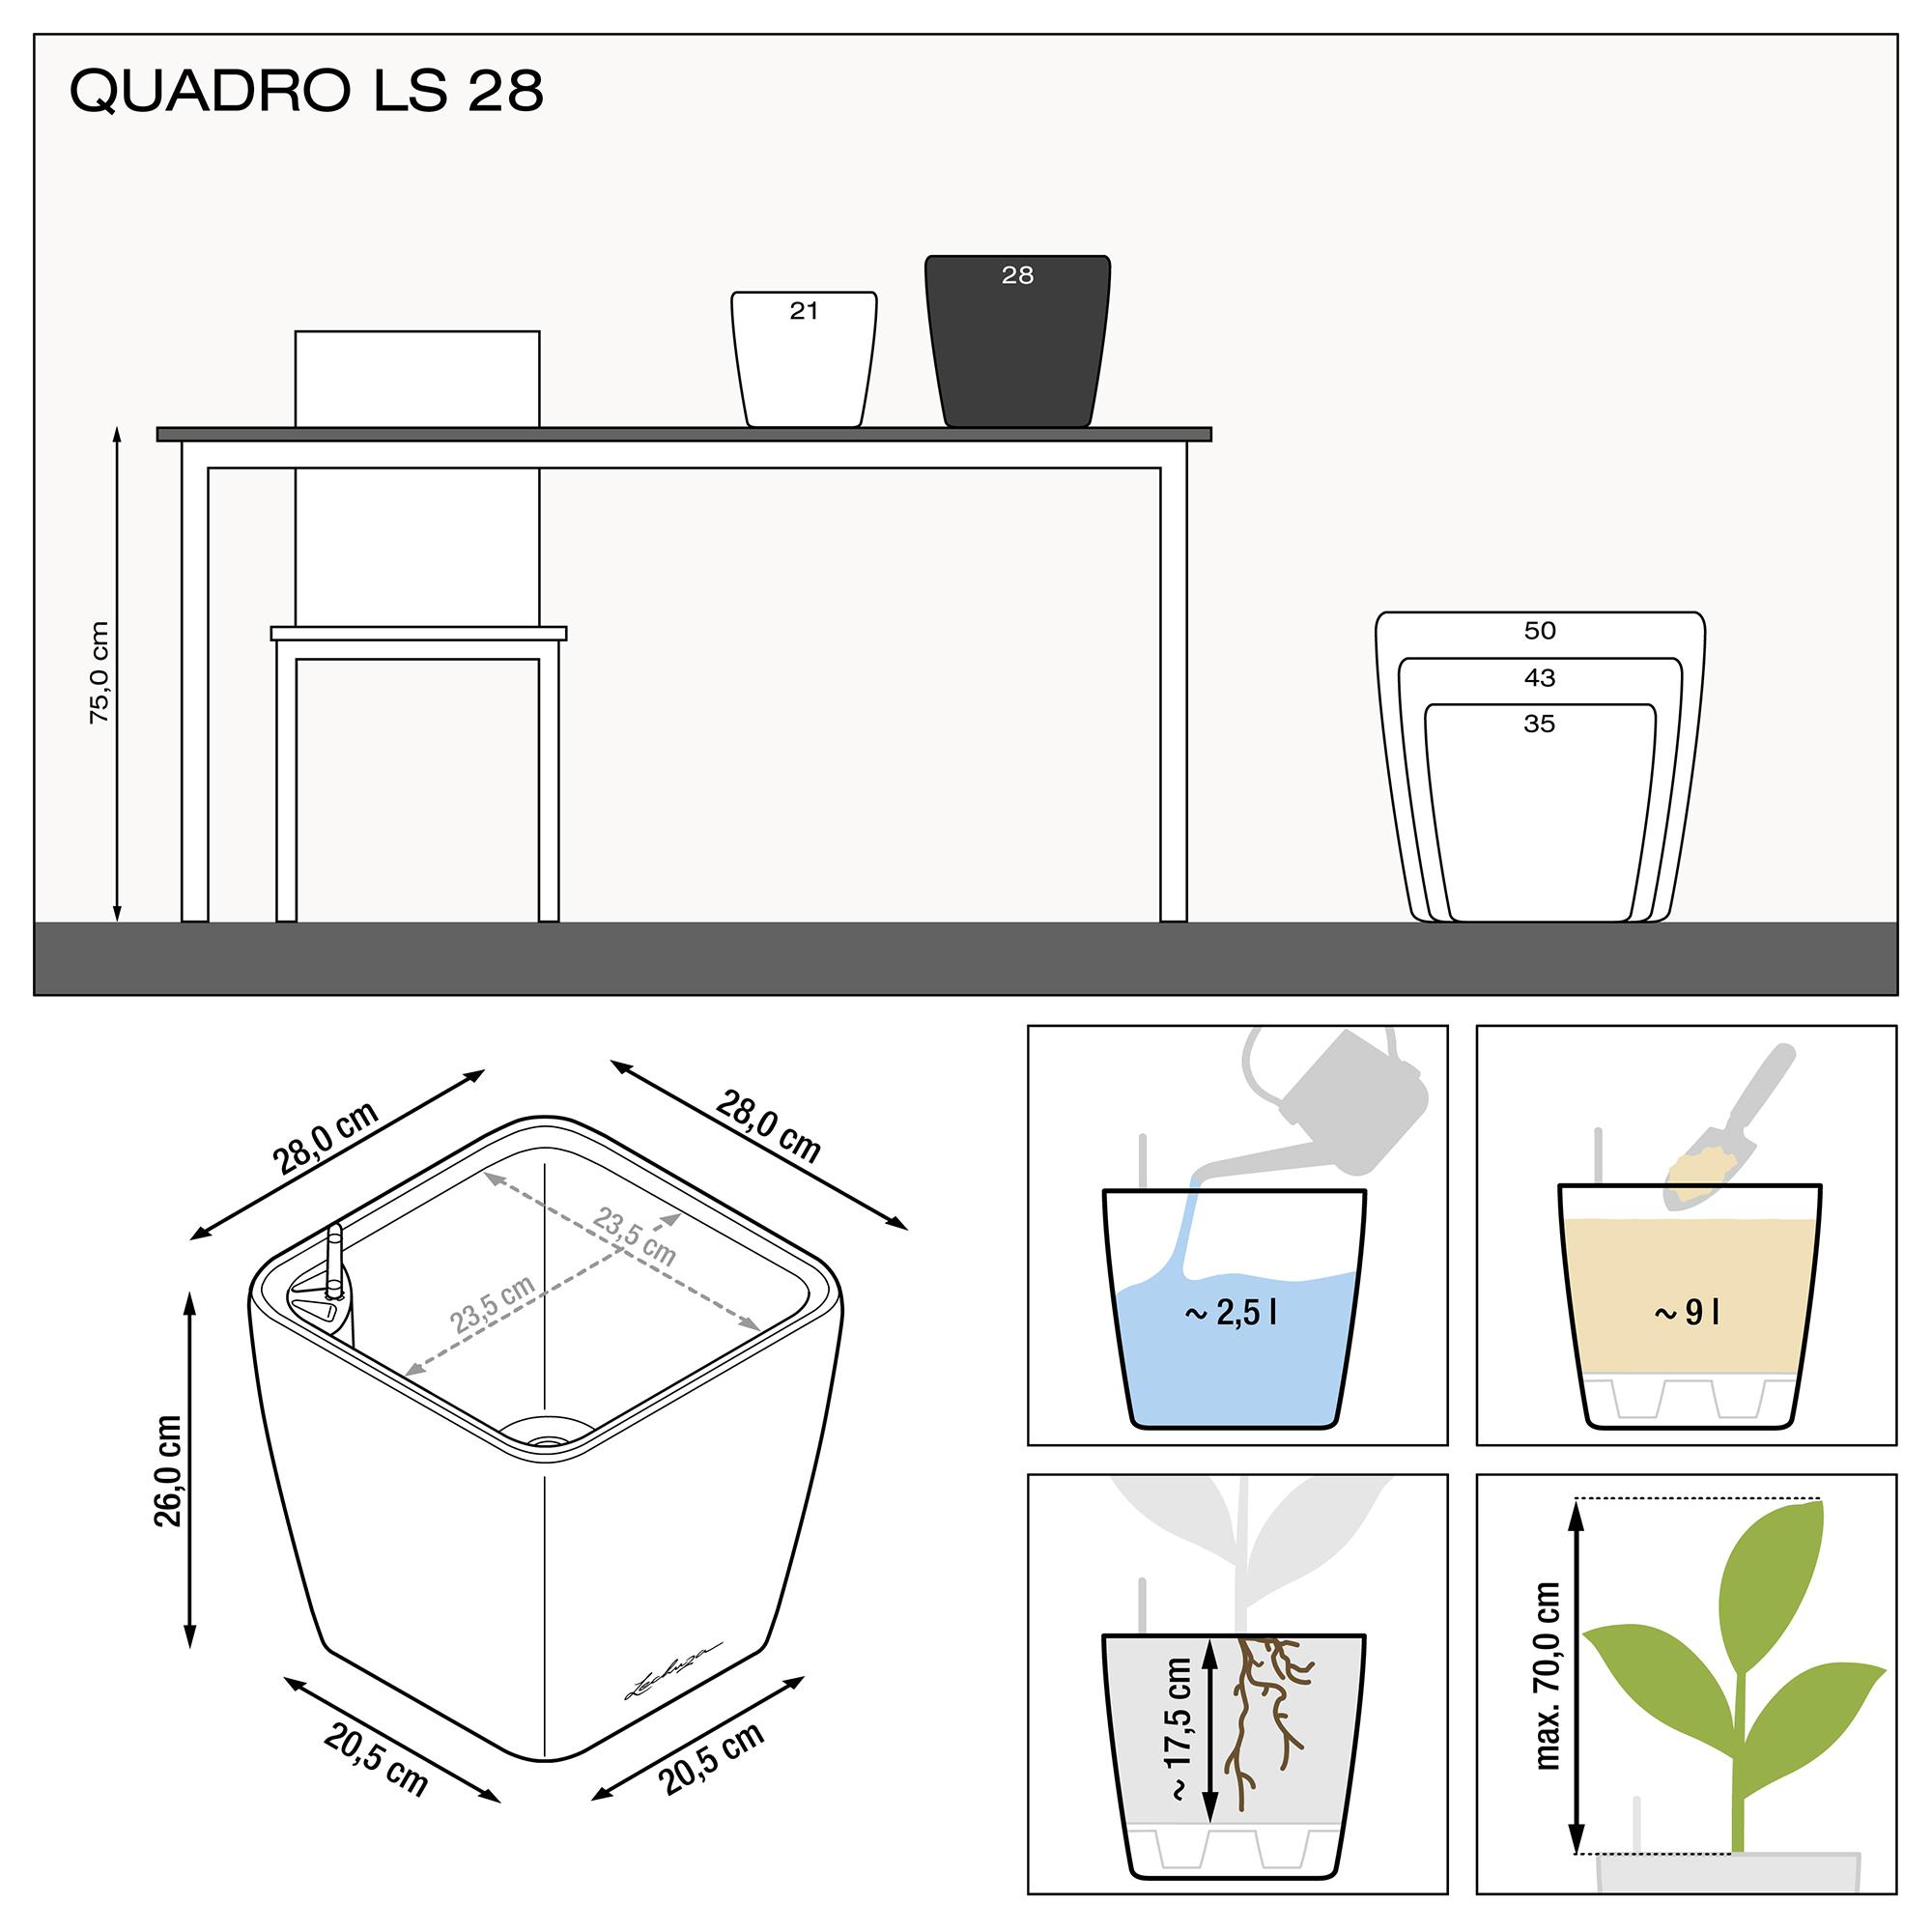 le_quadro-ls28_product_addi_nz